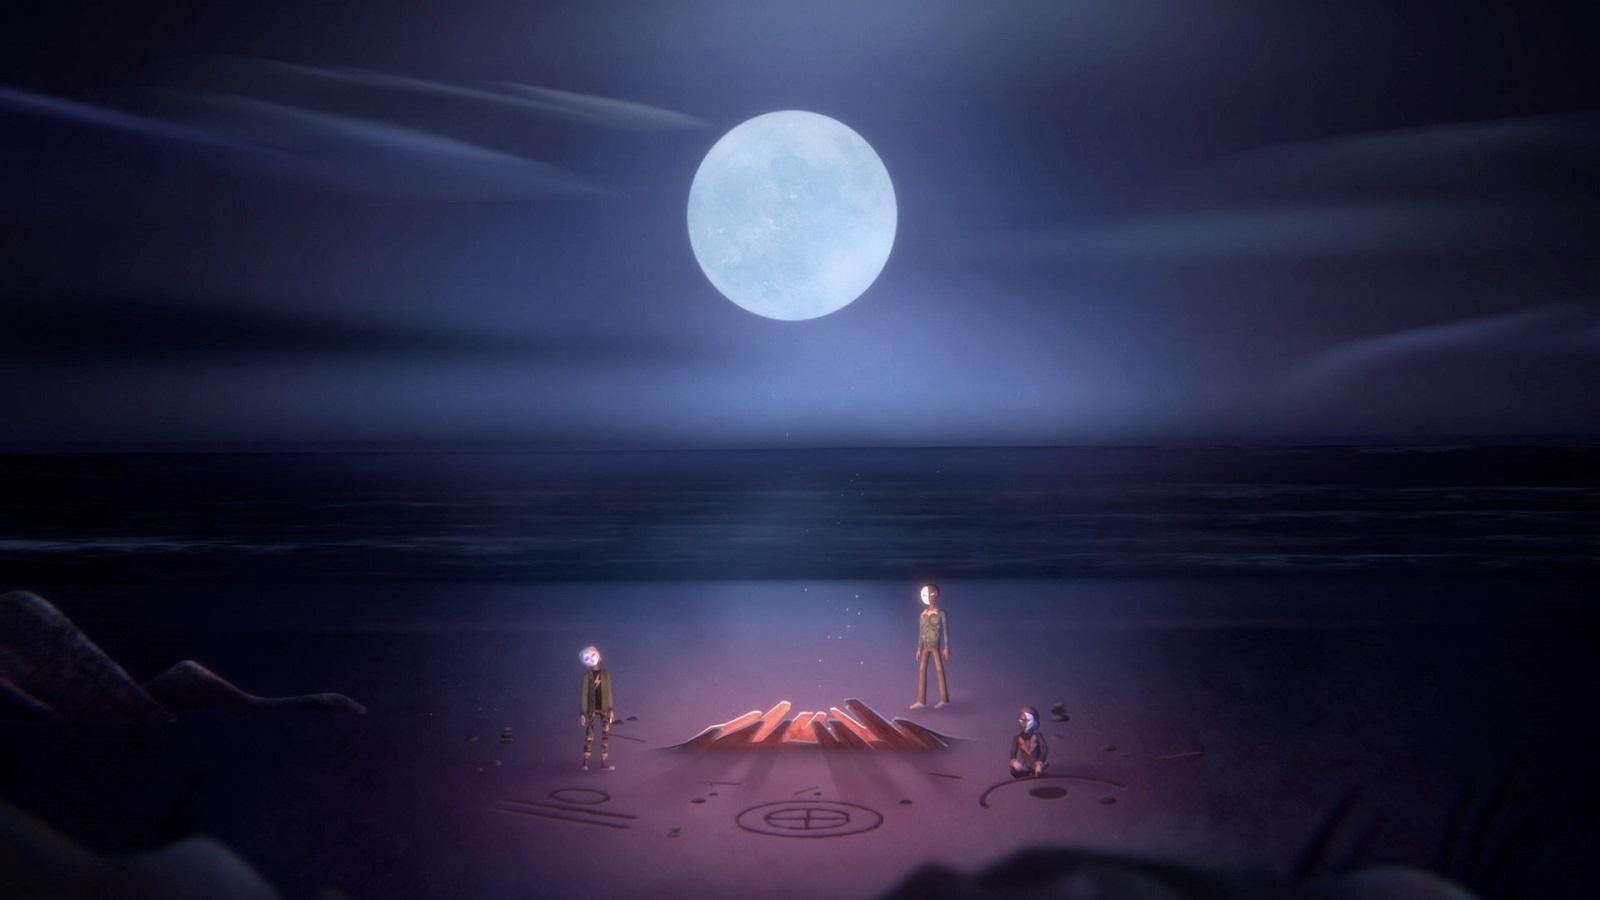 Мистическое приключение Oxenfree получит в этом году продолжение на PC и Switch